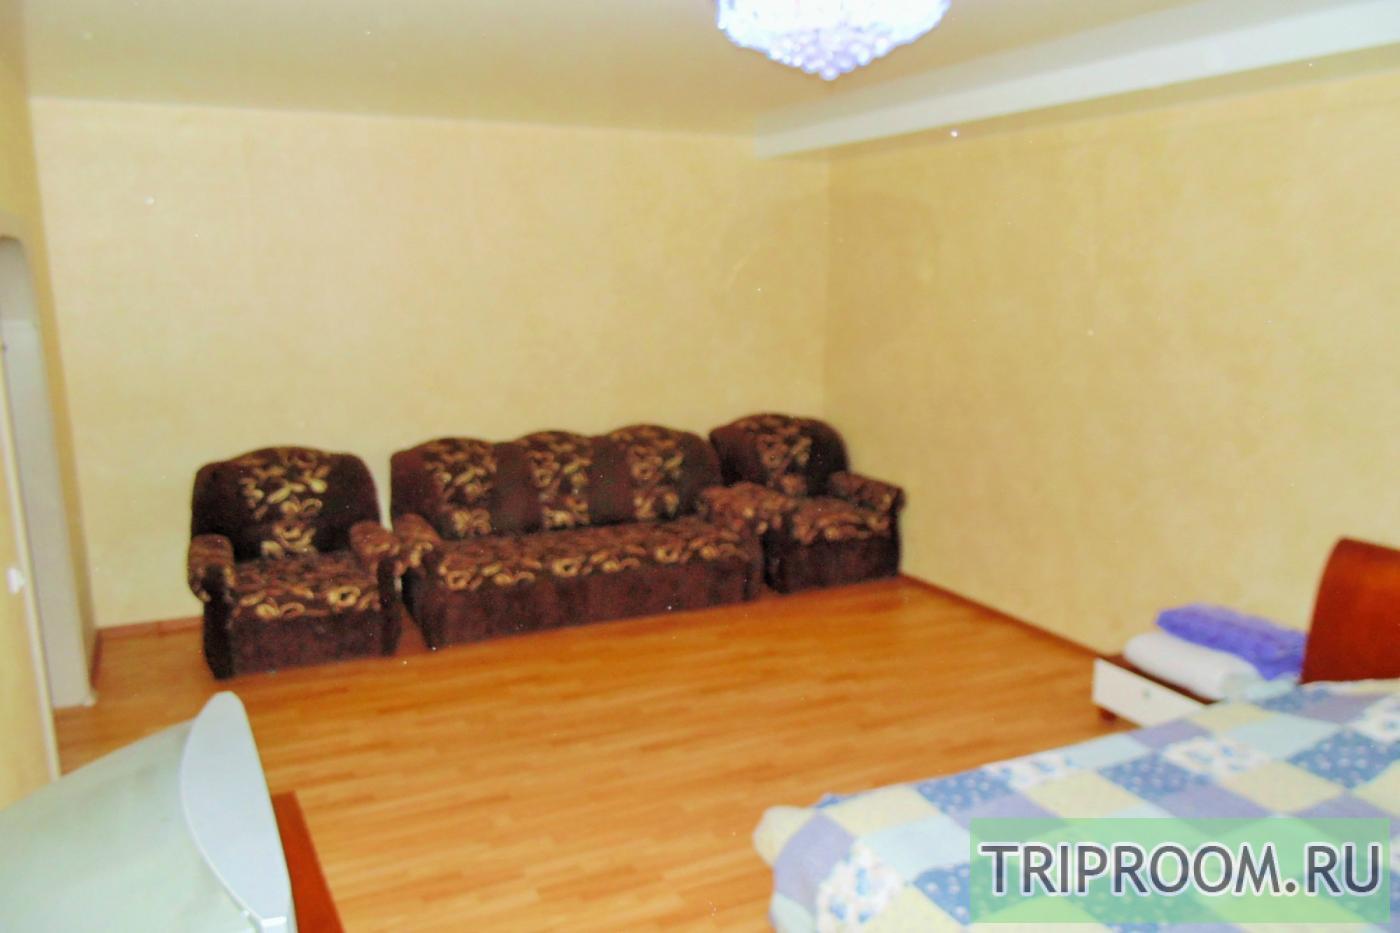 1-комнатная квартира посуточно (вариант № 23639), ул. Невского улица, фото № 3